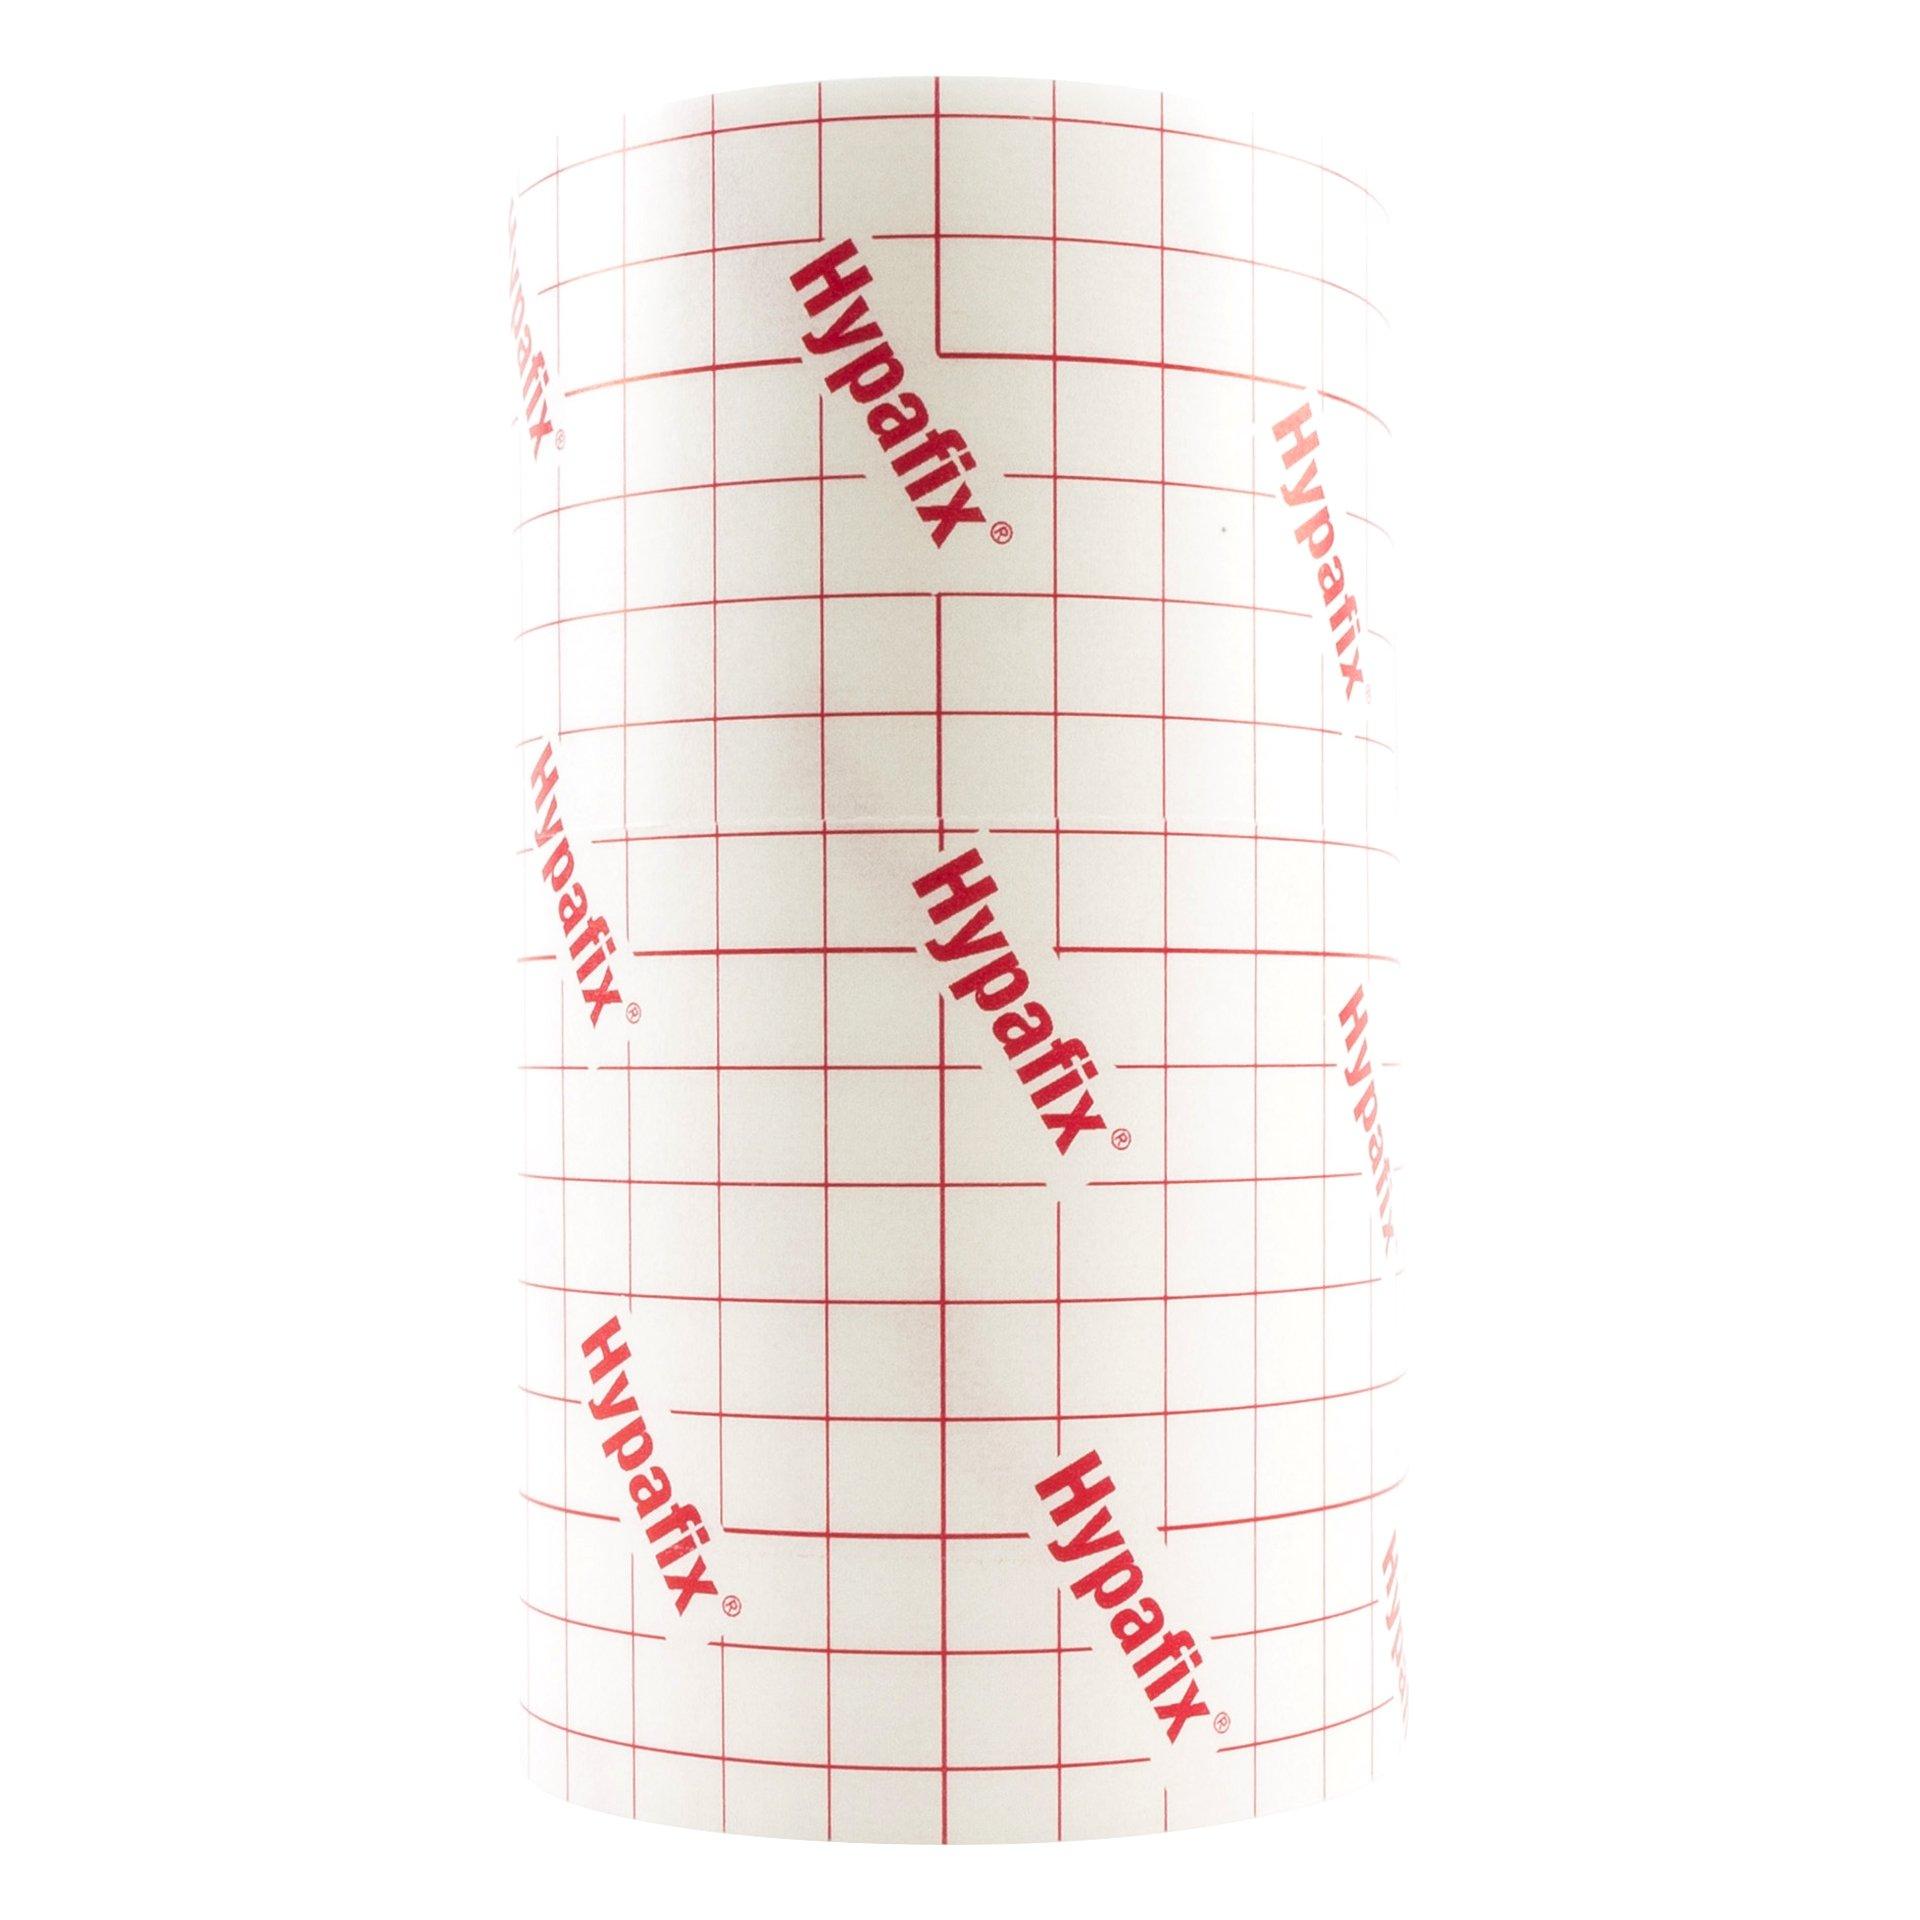 Hypafix Dressing Retention Tape 6'' x 10 yd Roll QTY: 1 by Smith & Nephew